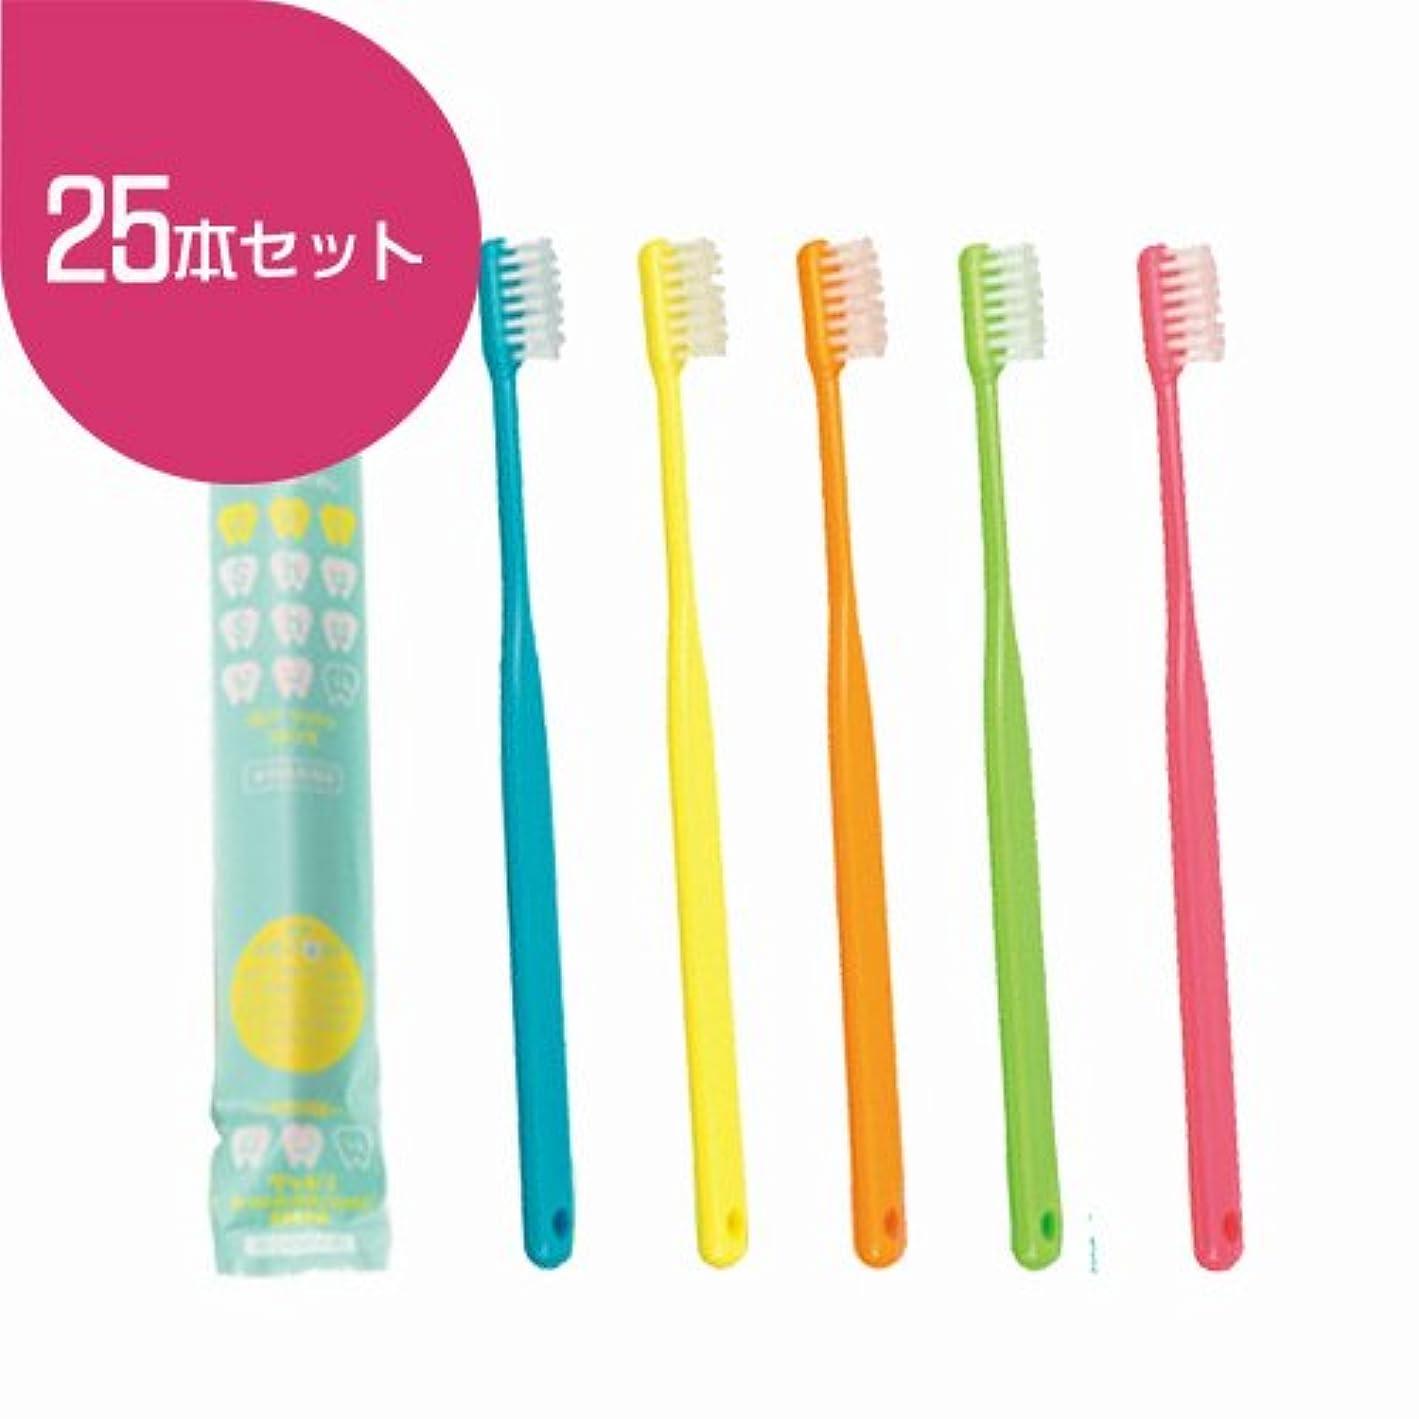 免疫ゴネリル先例FEED(フィード) 占い!Shu Shu(うらないシュシュ)歯ブラシ×25本 (ふつう(M), 色はおまかせ)